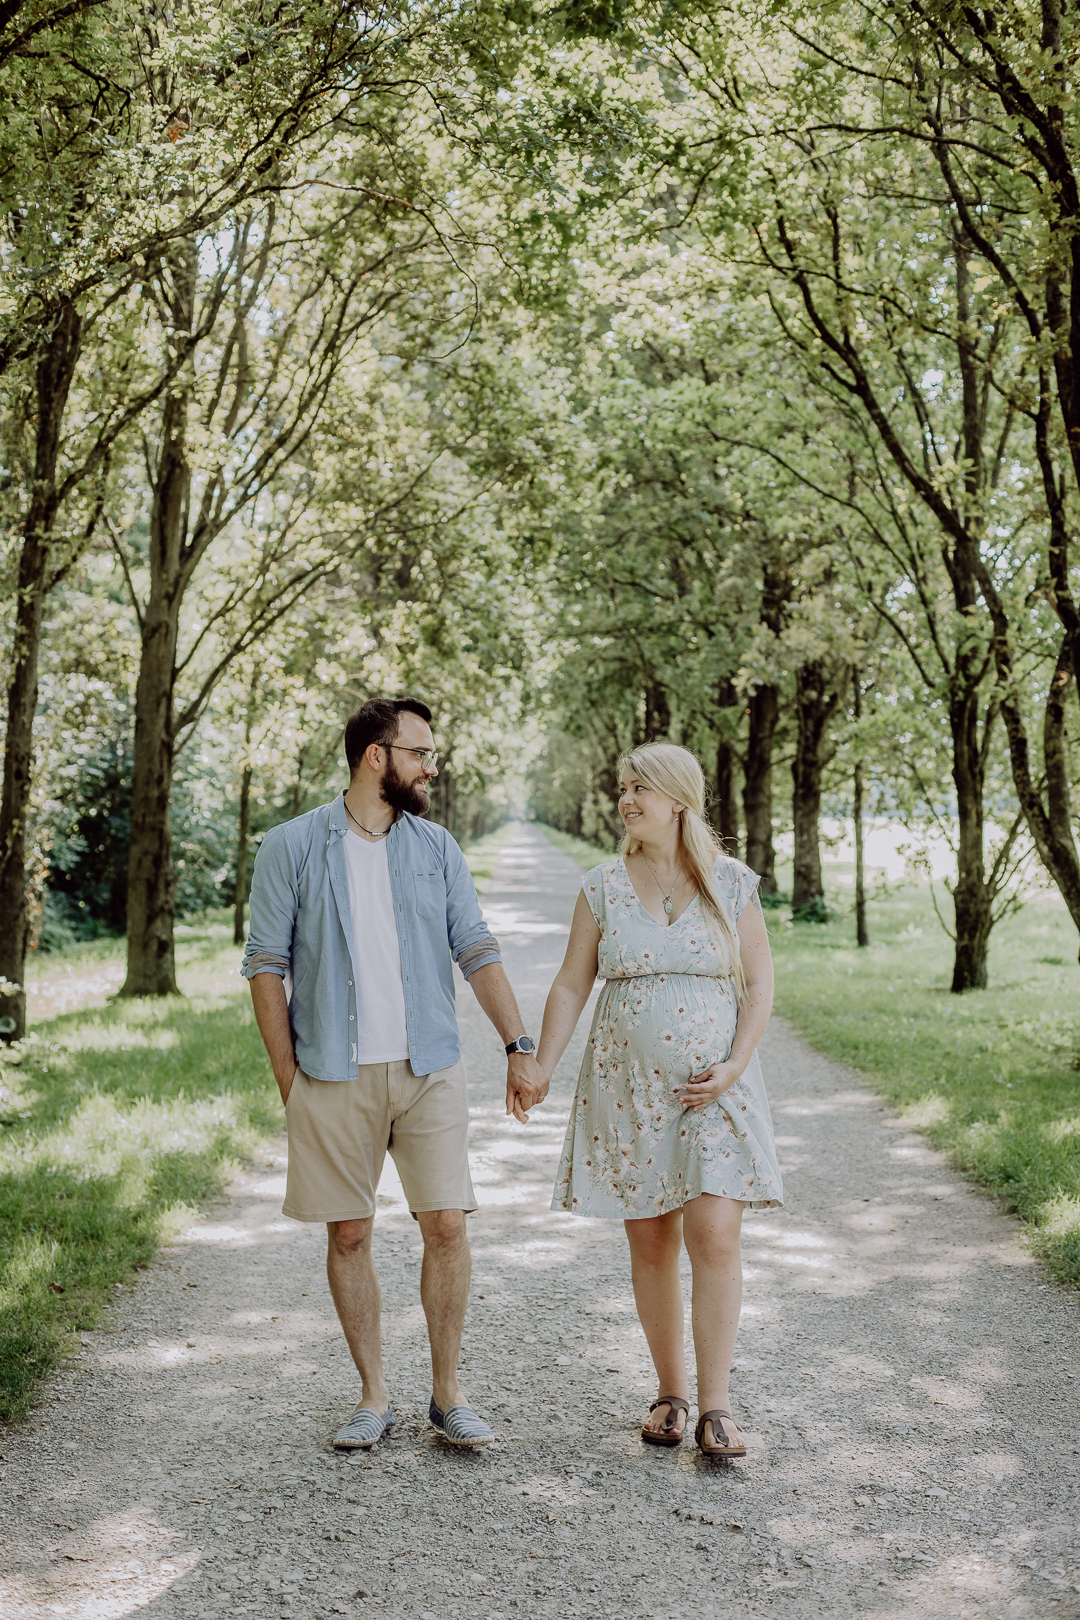 Lisa&Jonny–Fotoreihe-sRGB-72dpi-90pz-_70A4029